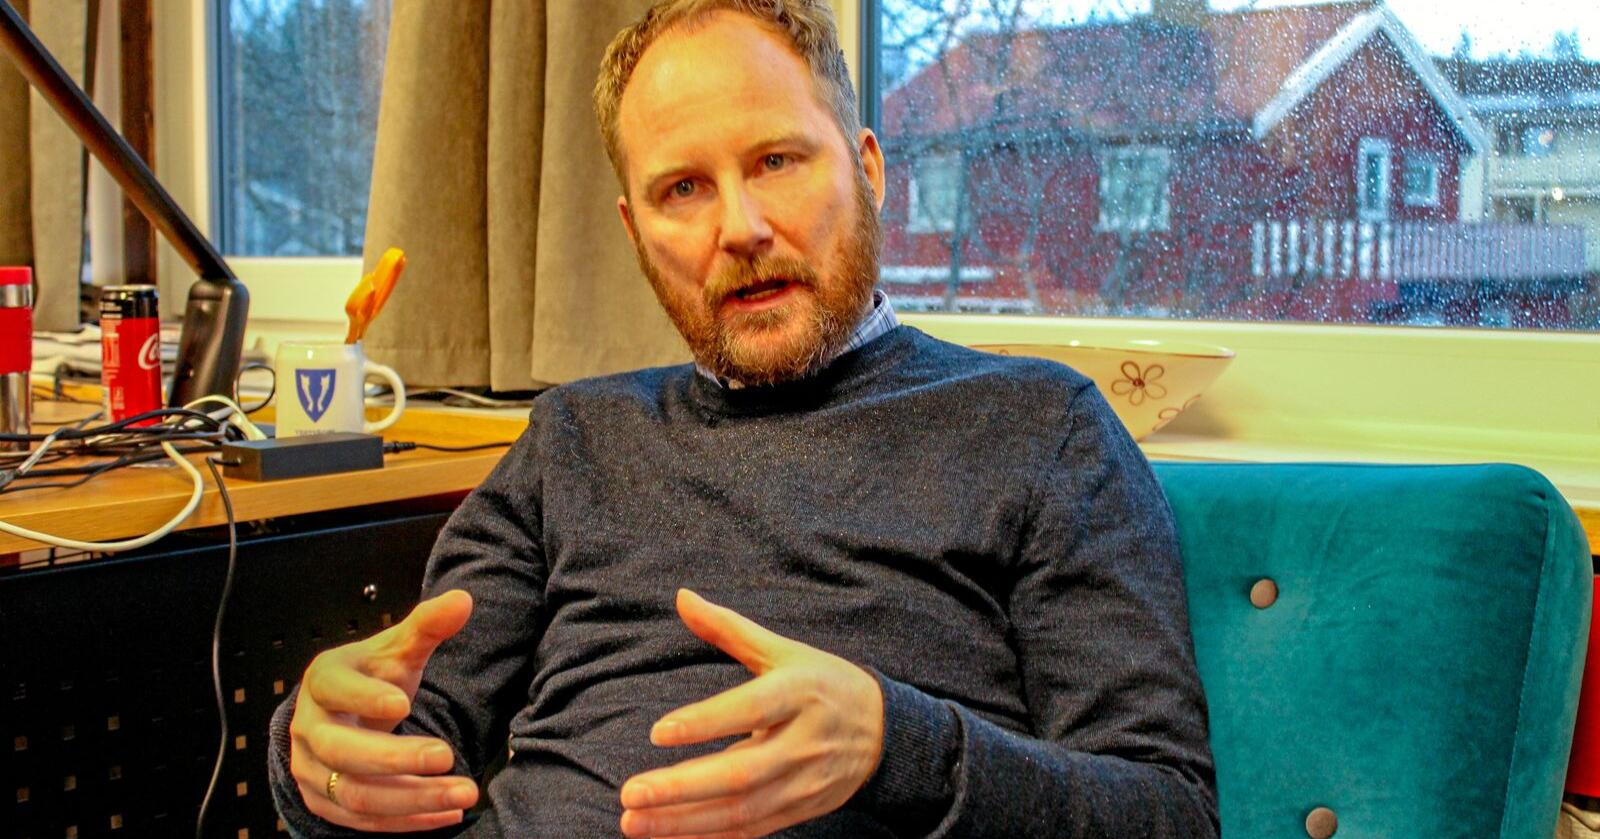 Tapte inntekter: Ordfører Remi Solberg i Vestvågøy må kutte 40 kommunale arbeidsplasser neste år. Foto: Eskild Johansen.